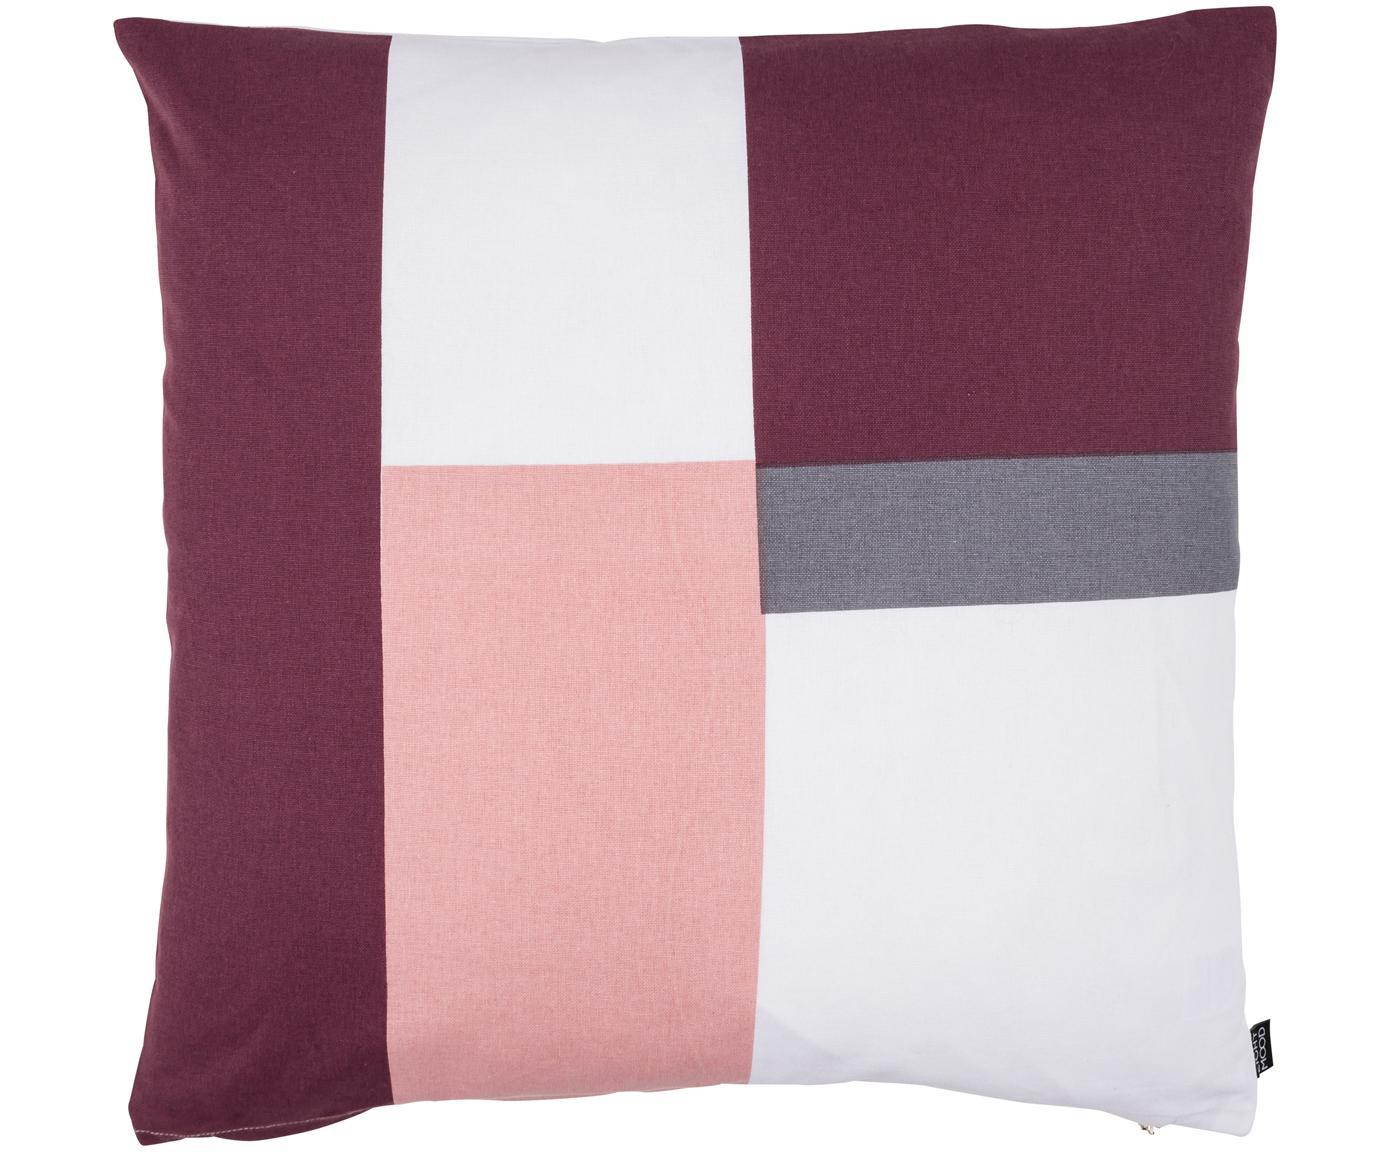 Cuscino reversibile Cubo, Rivestimento: 100% cotone, Vino rosso, rosa, bianco, grigio, Larg. 50 x Lung. 50 cm